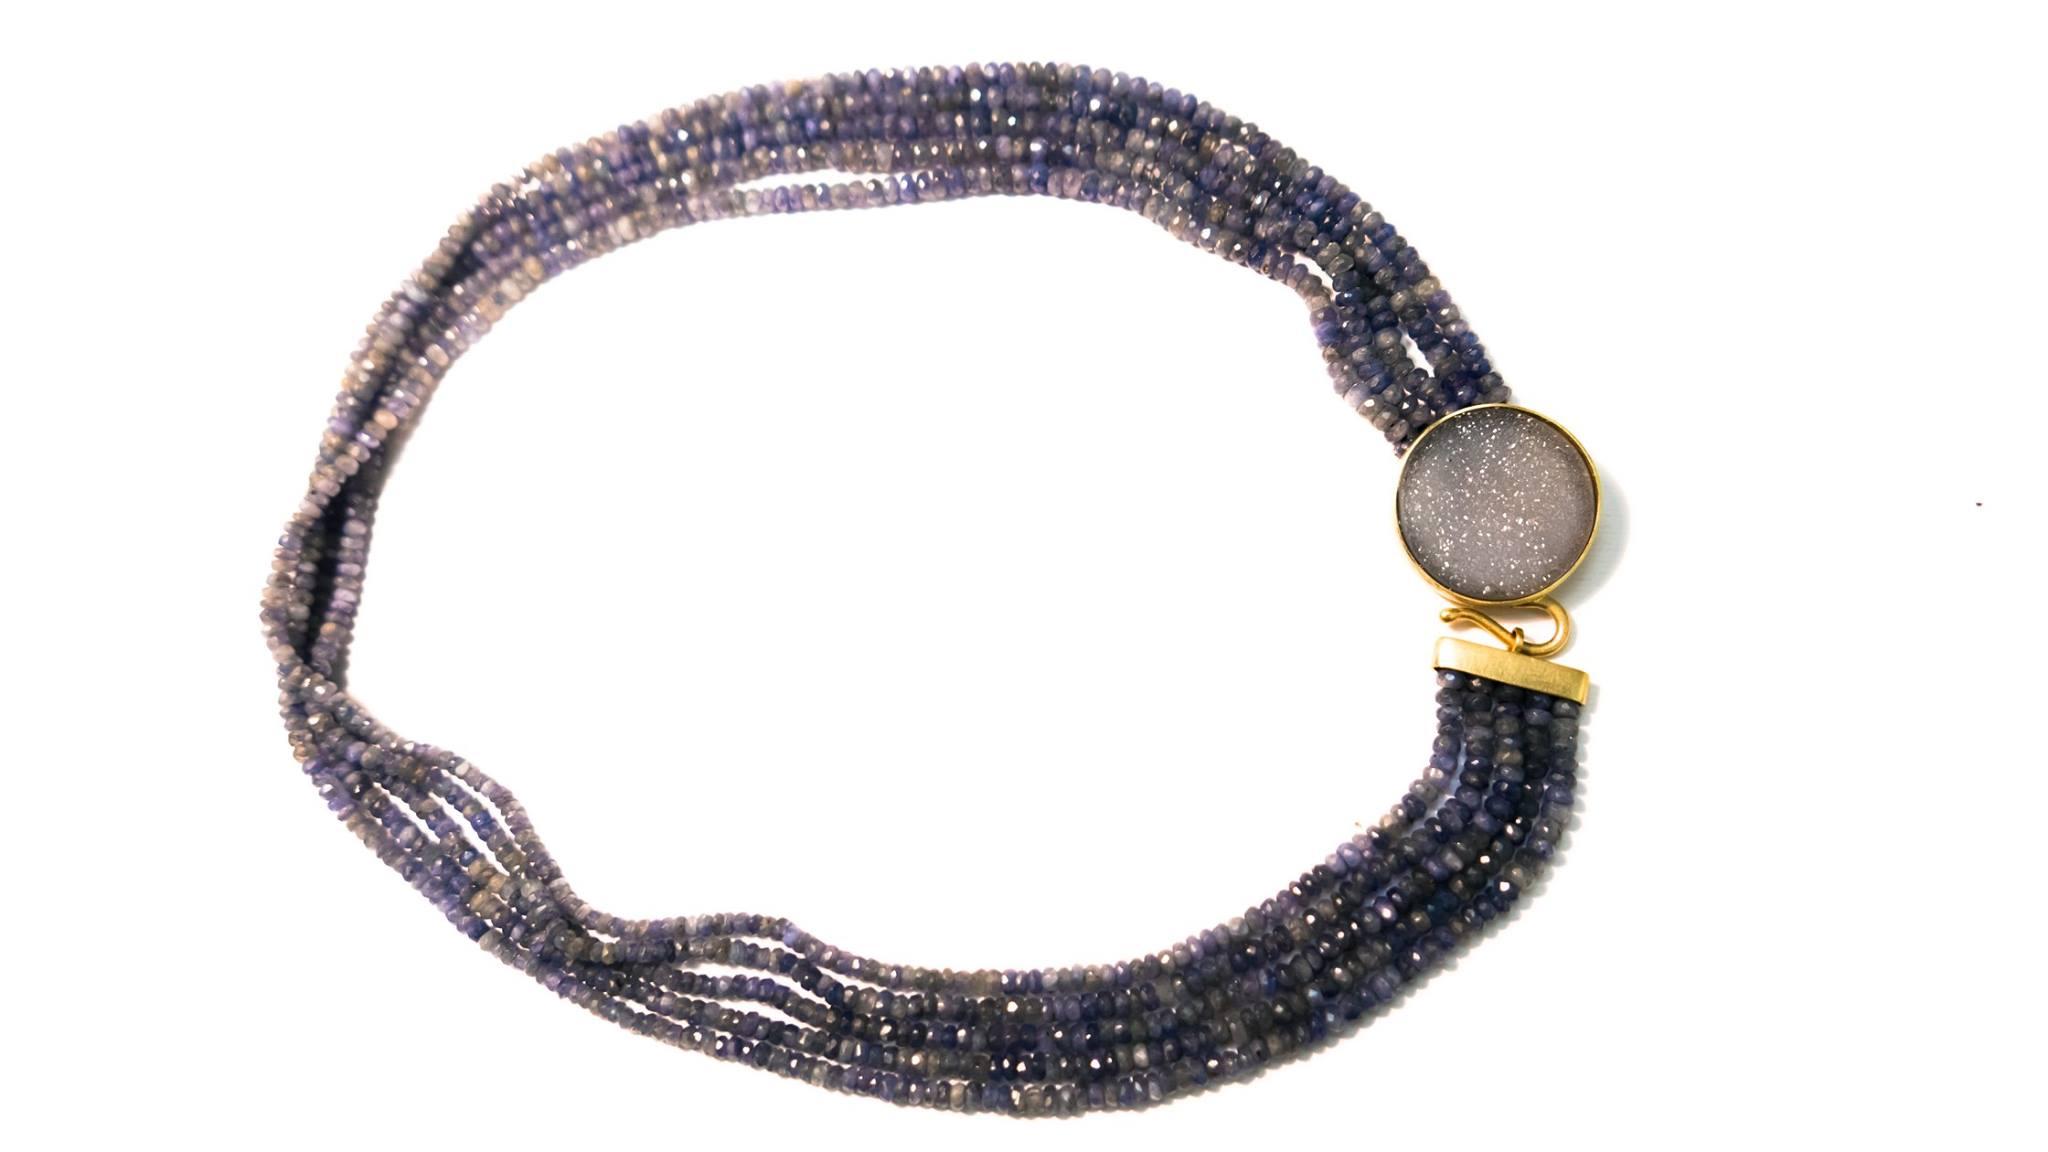 Collana di zaffiri grigio-blu, con chiusura in oro giallo sabbiato e agata grigia microcristallina